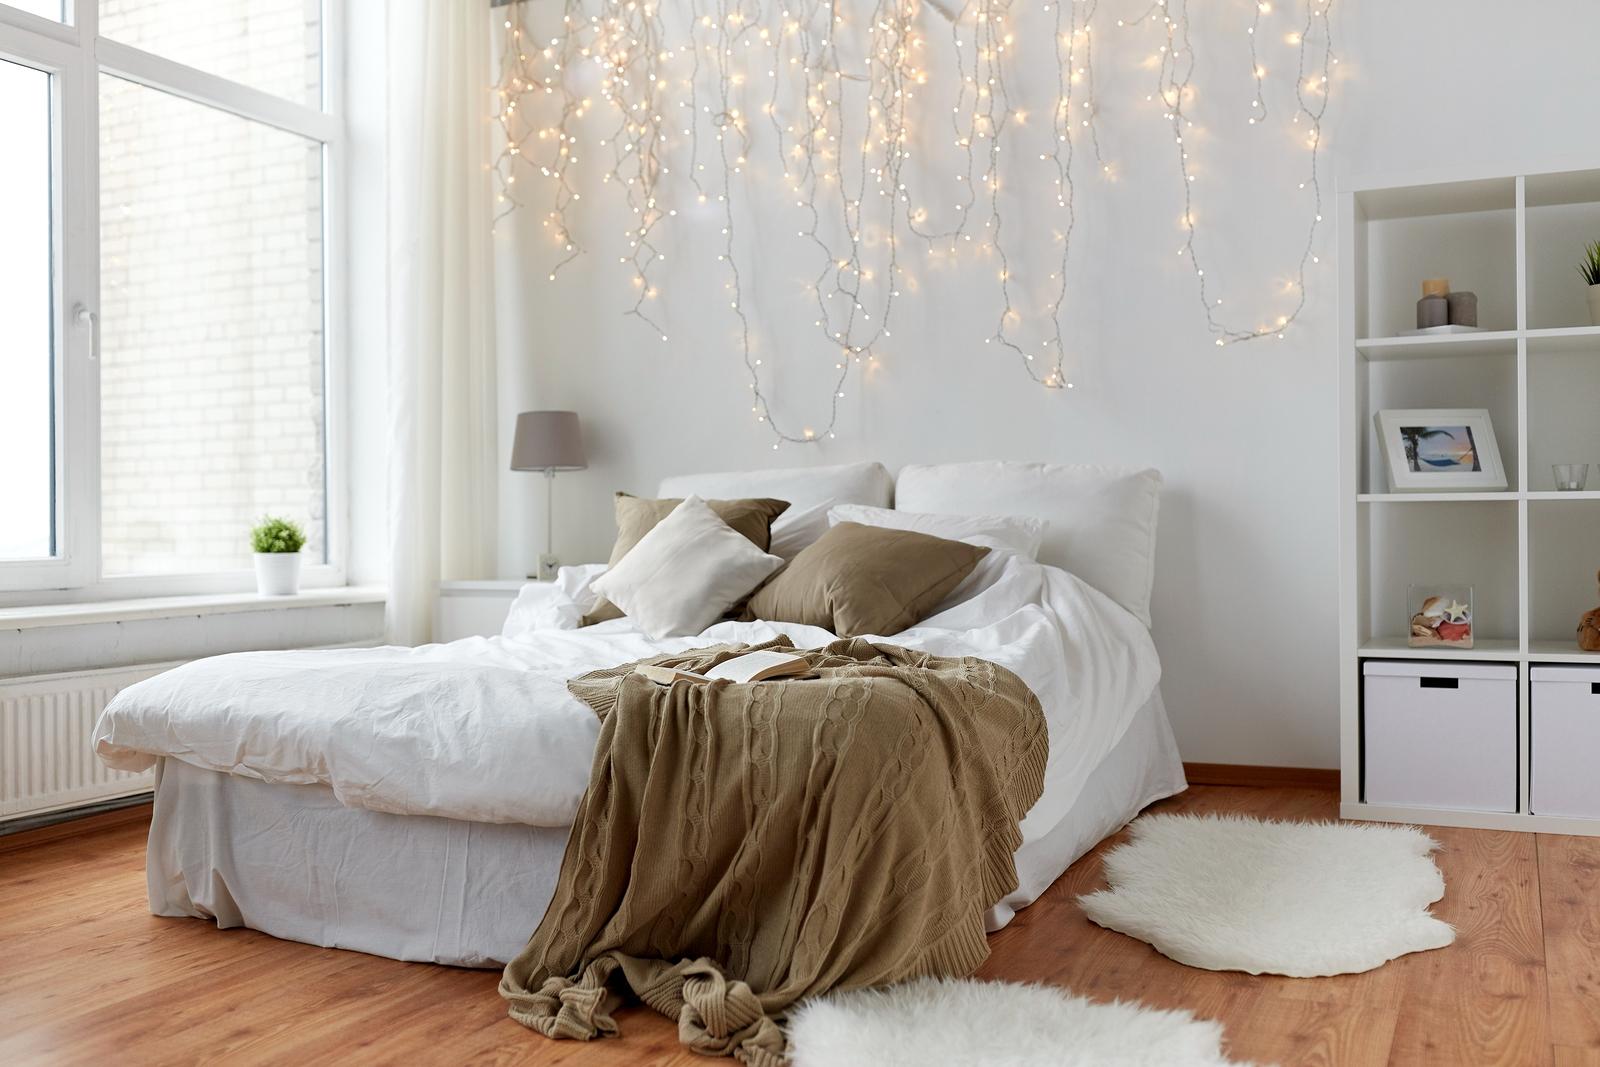 Dormitorio relax